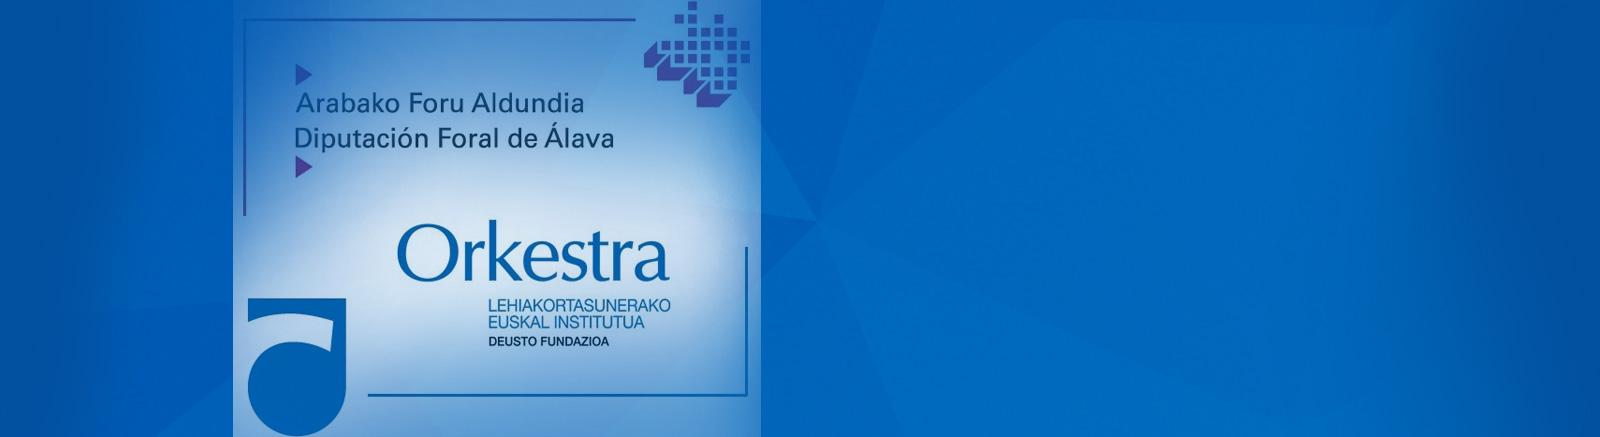 La Diputación Foral de Álava entra en el Consejo de Administración de Orkestra